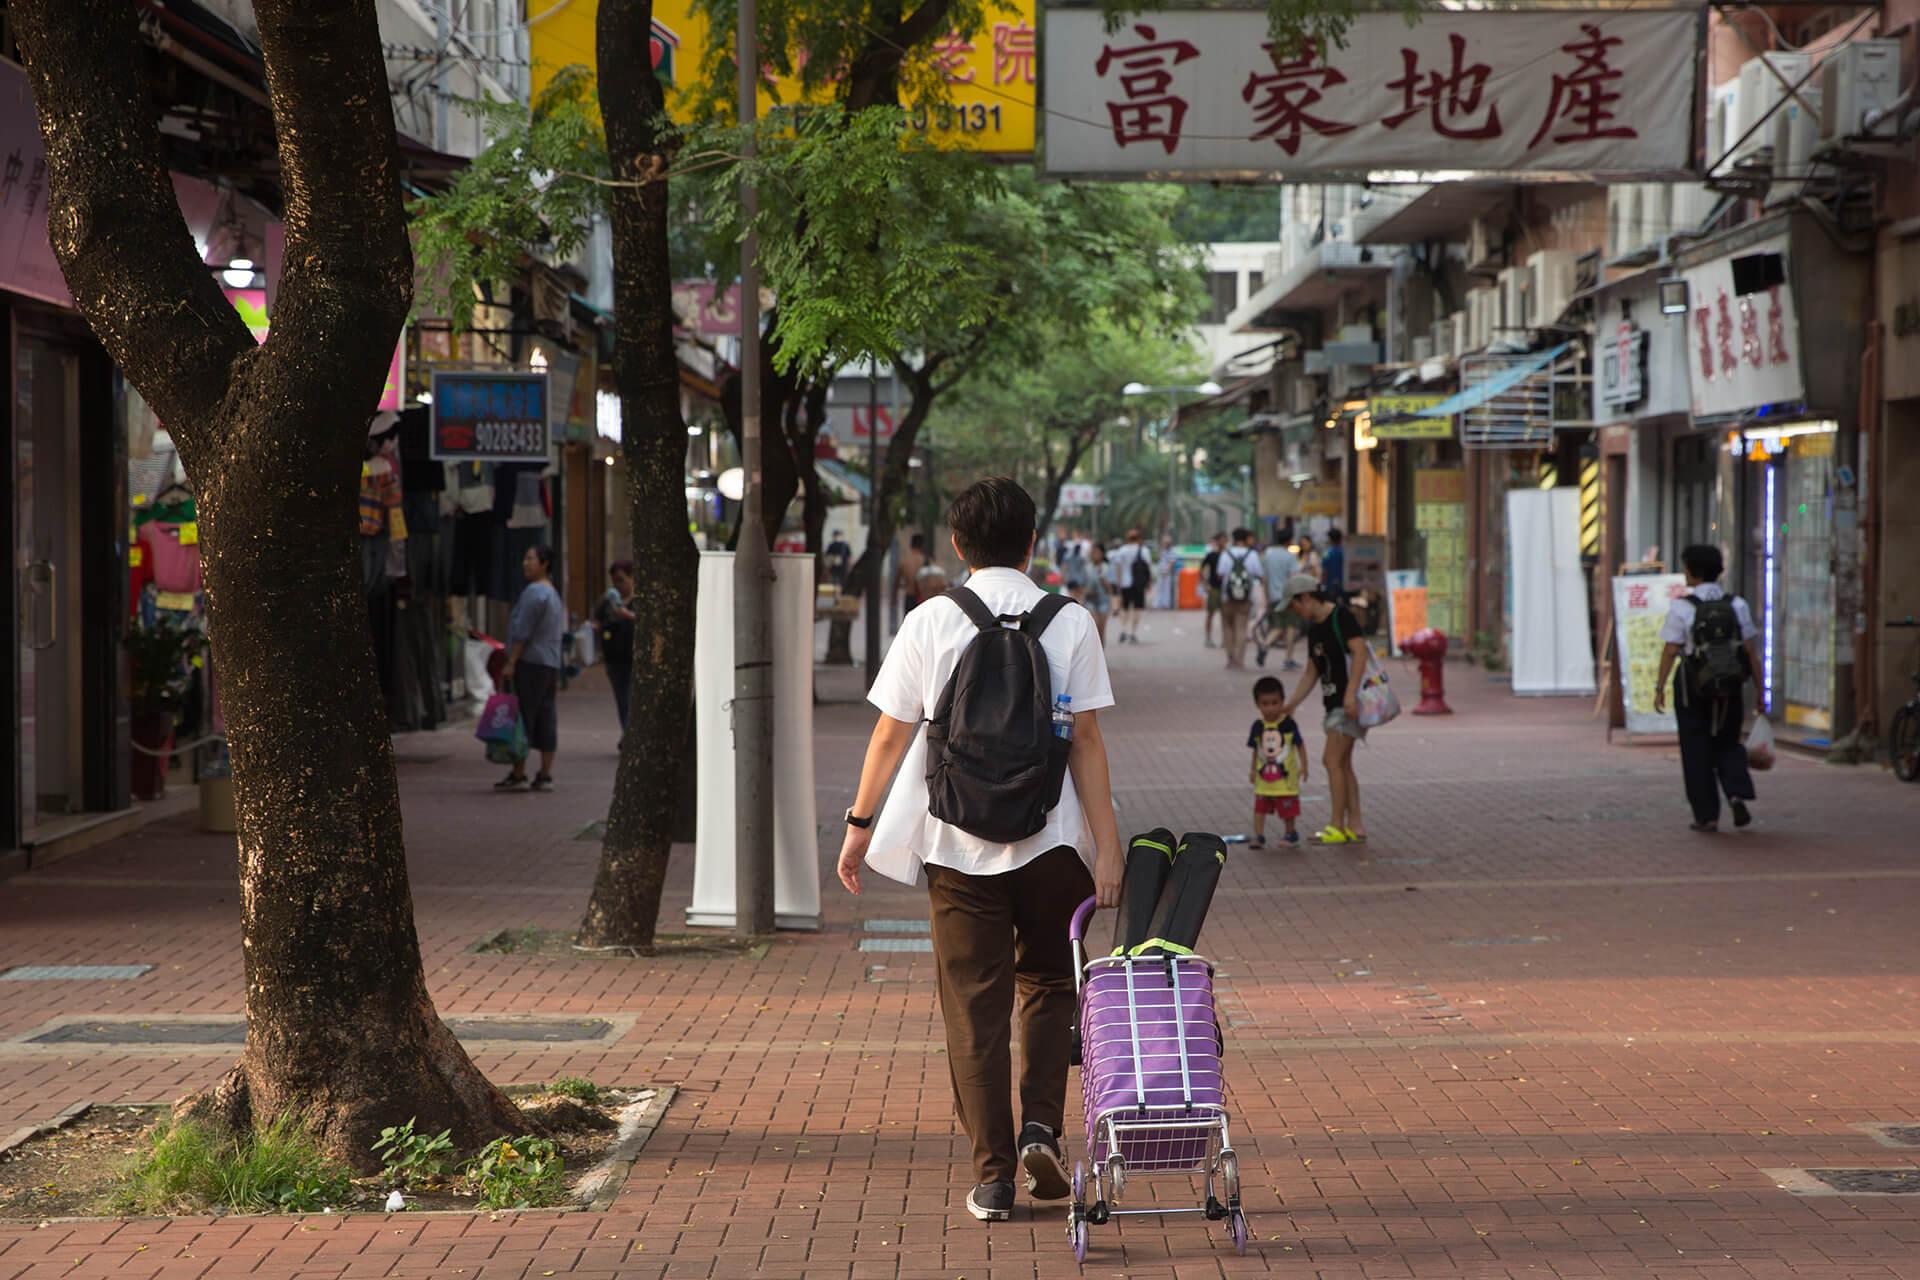 張可森以一身文青打扮,拖着一個略嫌有點違和的紫色手推車落區設街站。